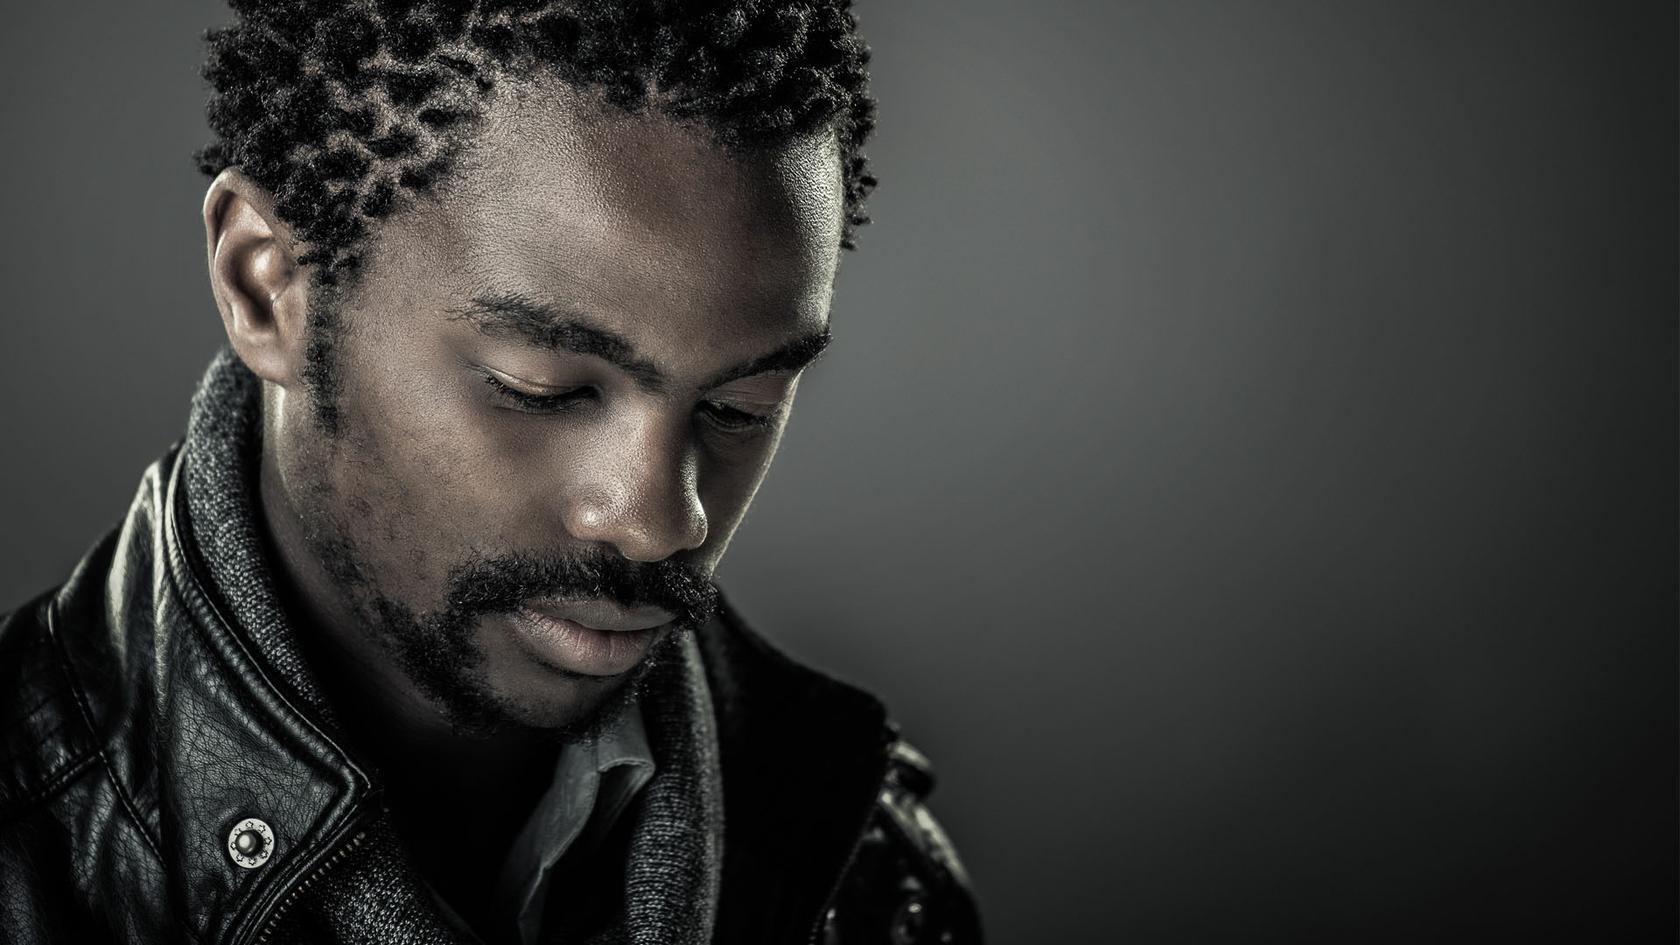 Sizwe Ndlovu